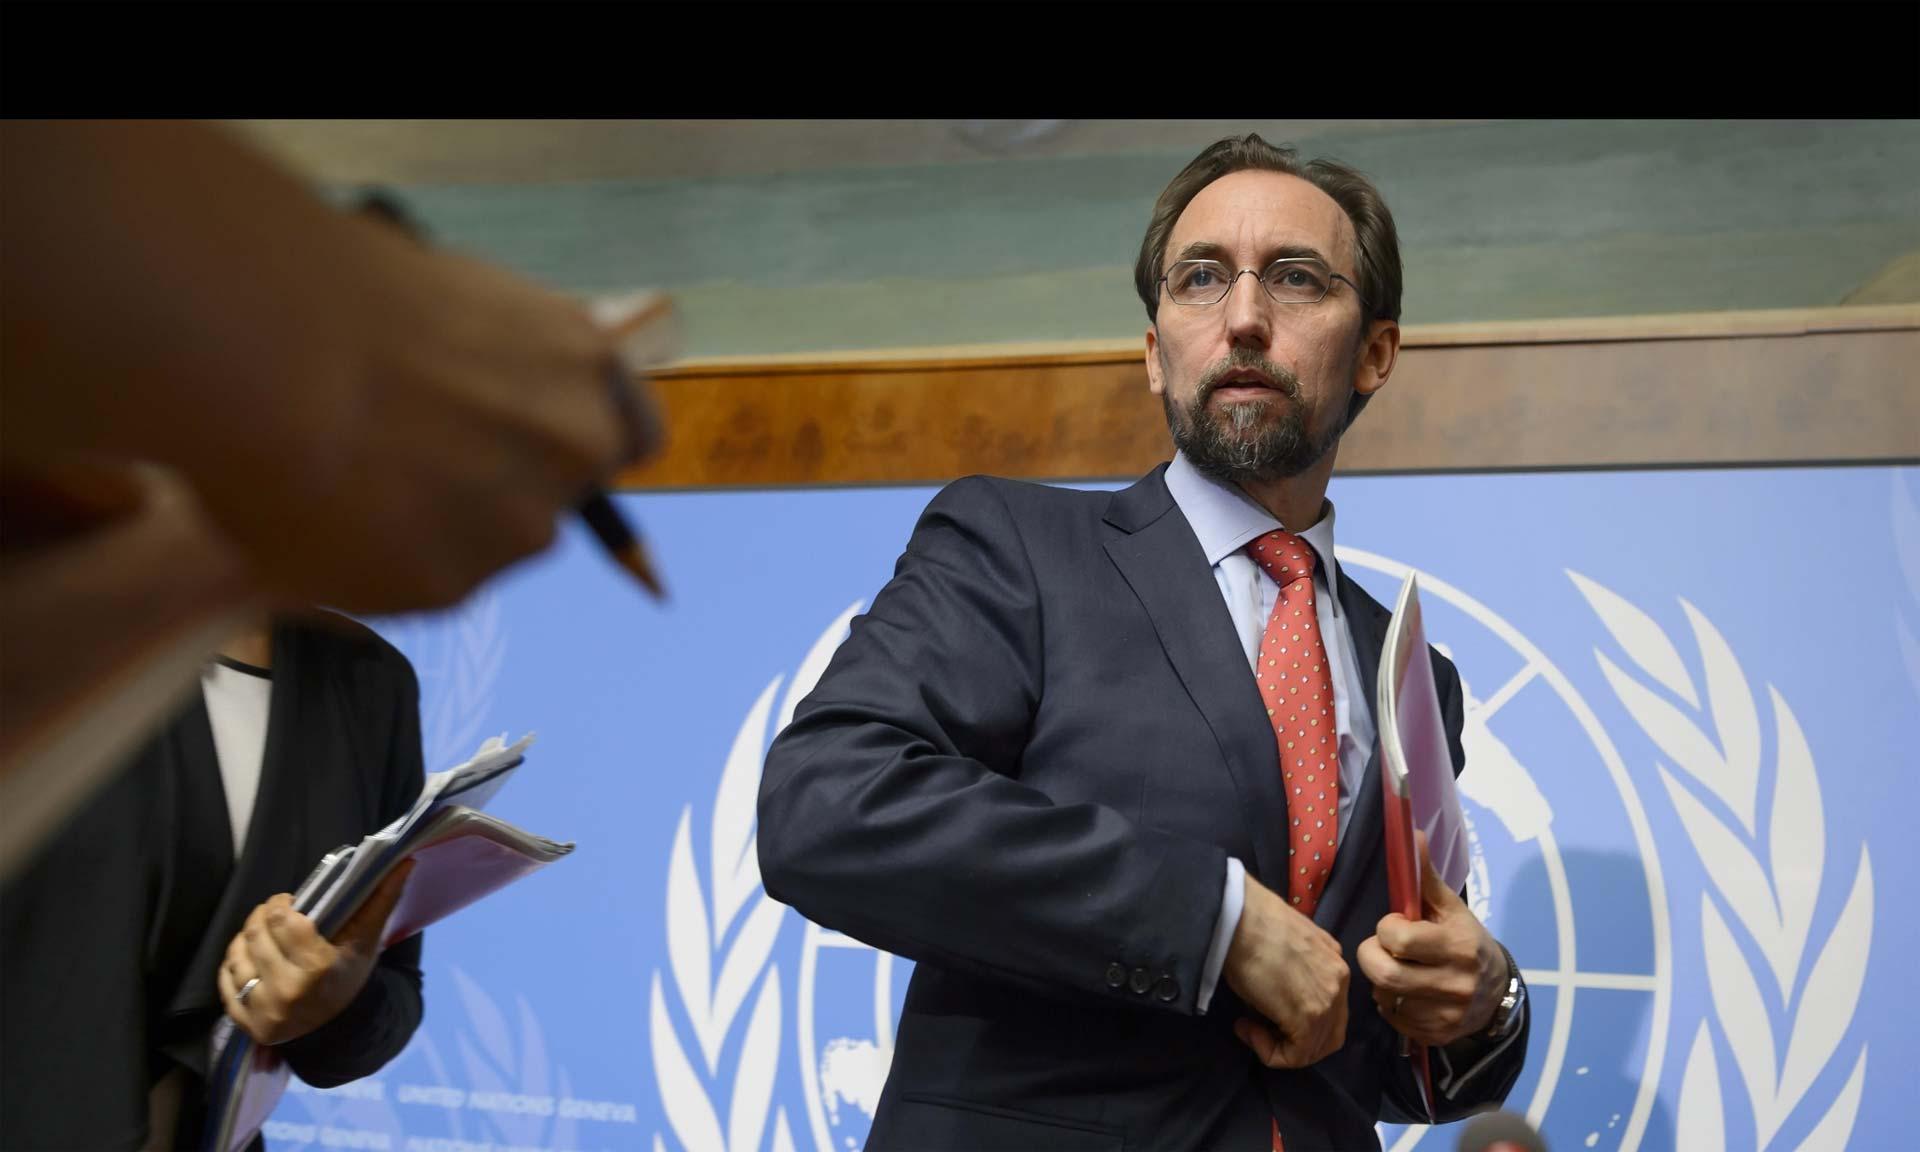 Expresó que la recomendación de evitar los embarazos soslaya la realidad social de algunos países